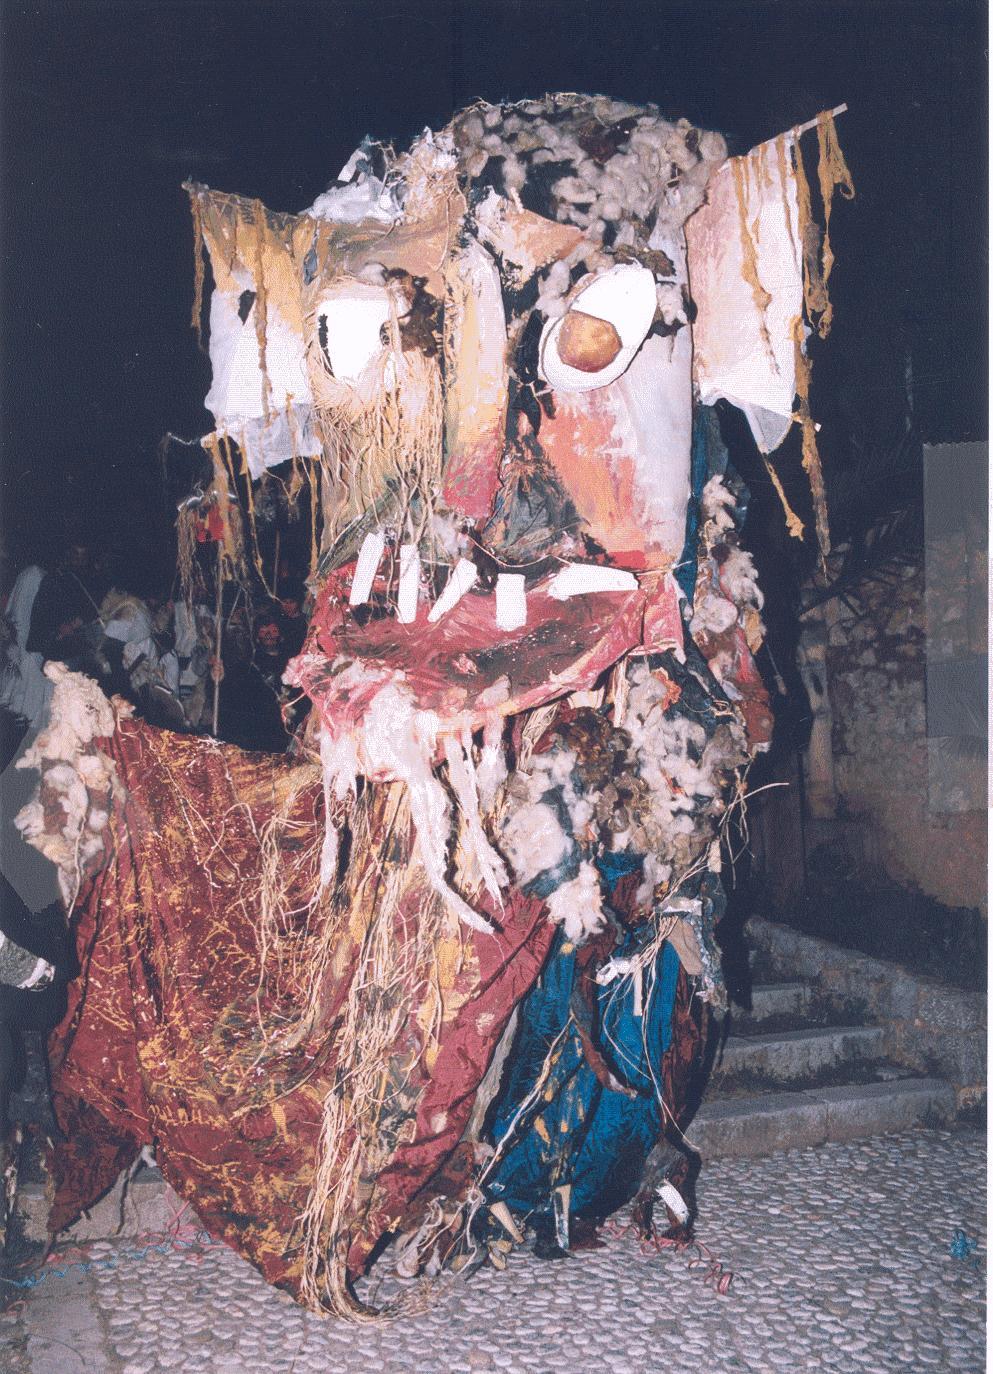 Amfissa-Carnival-About 2005